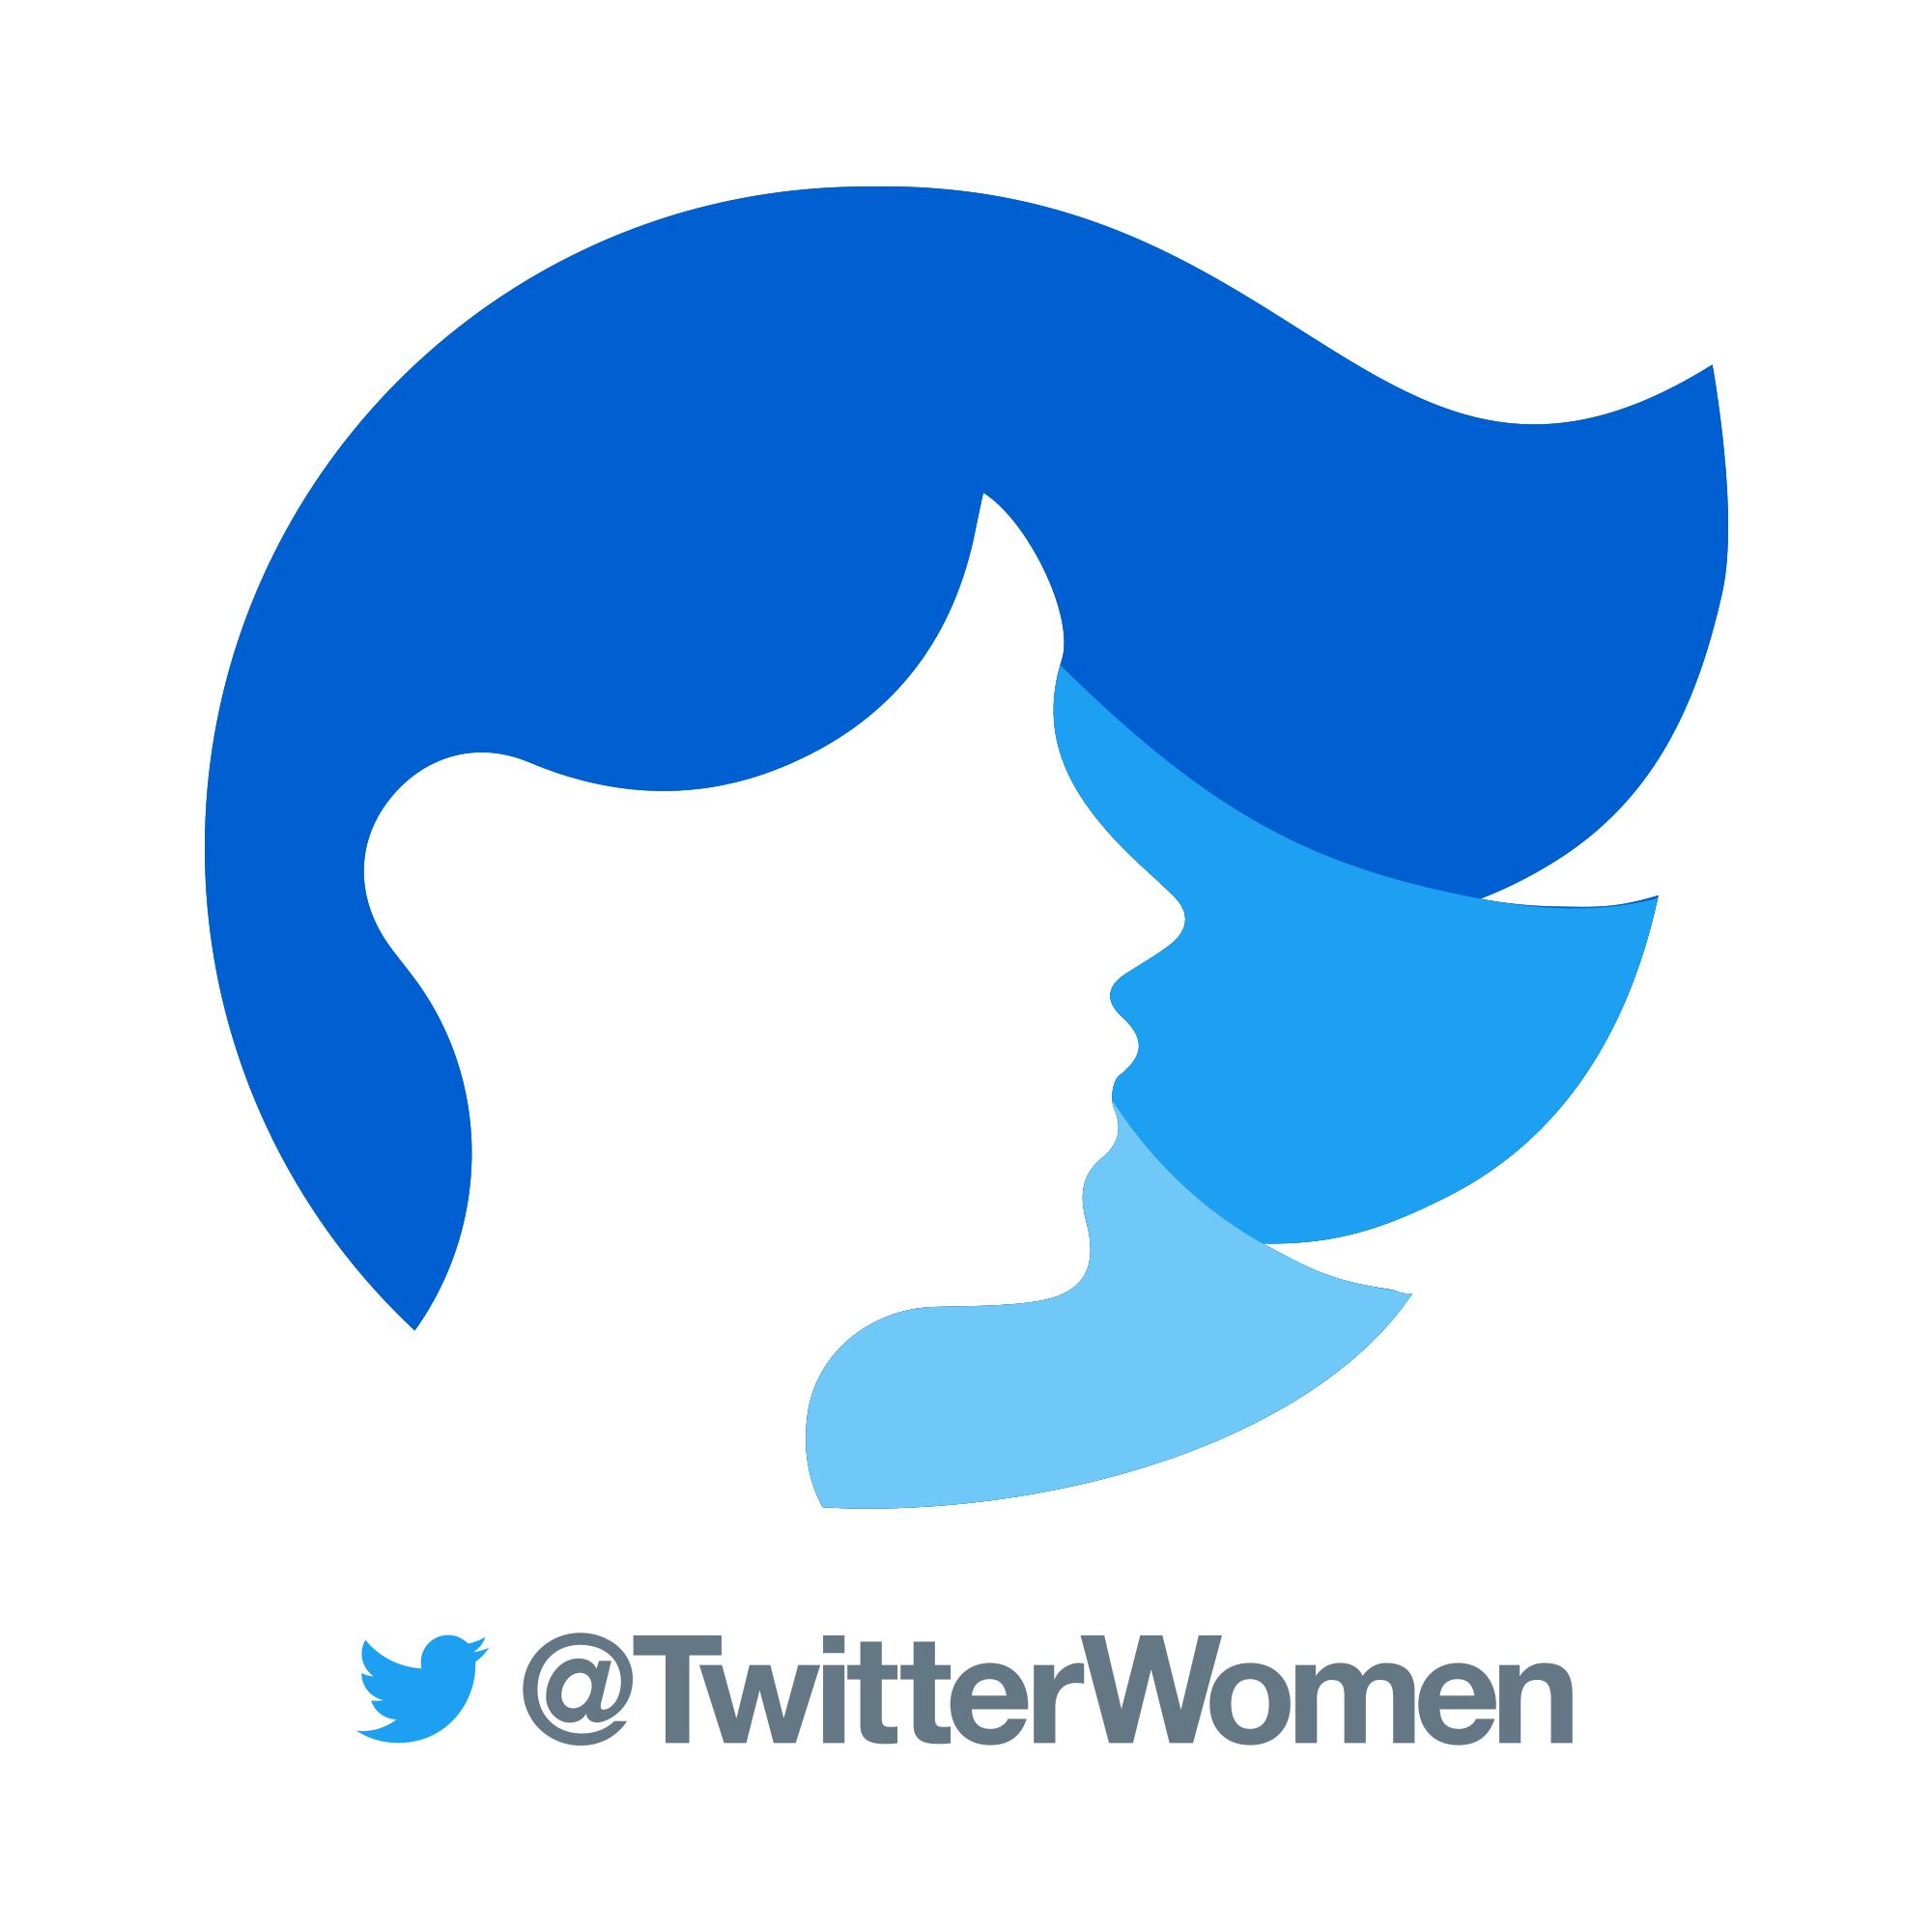 TwitterWomen_bluelogo.jpg